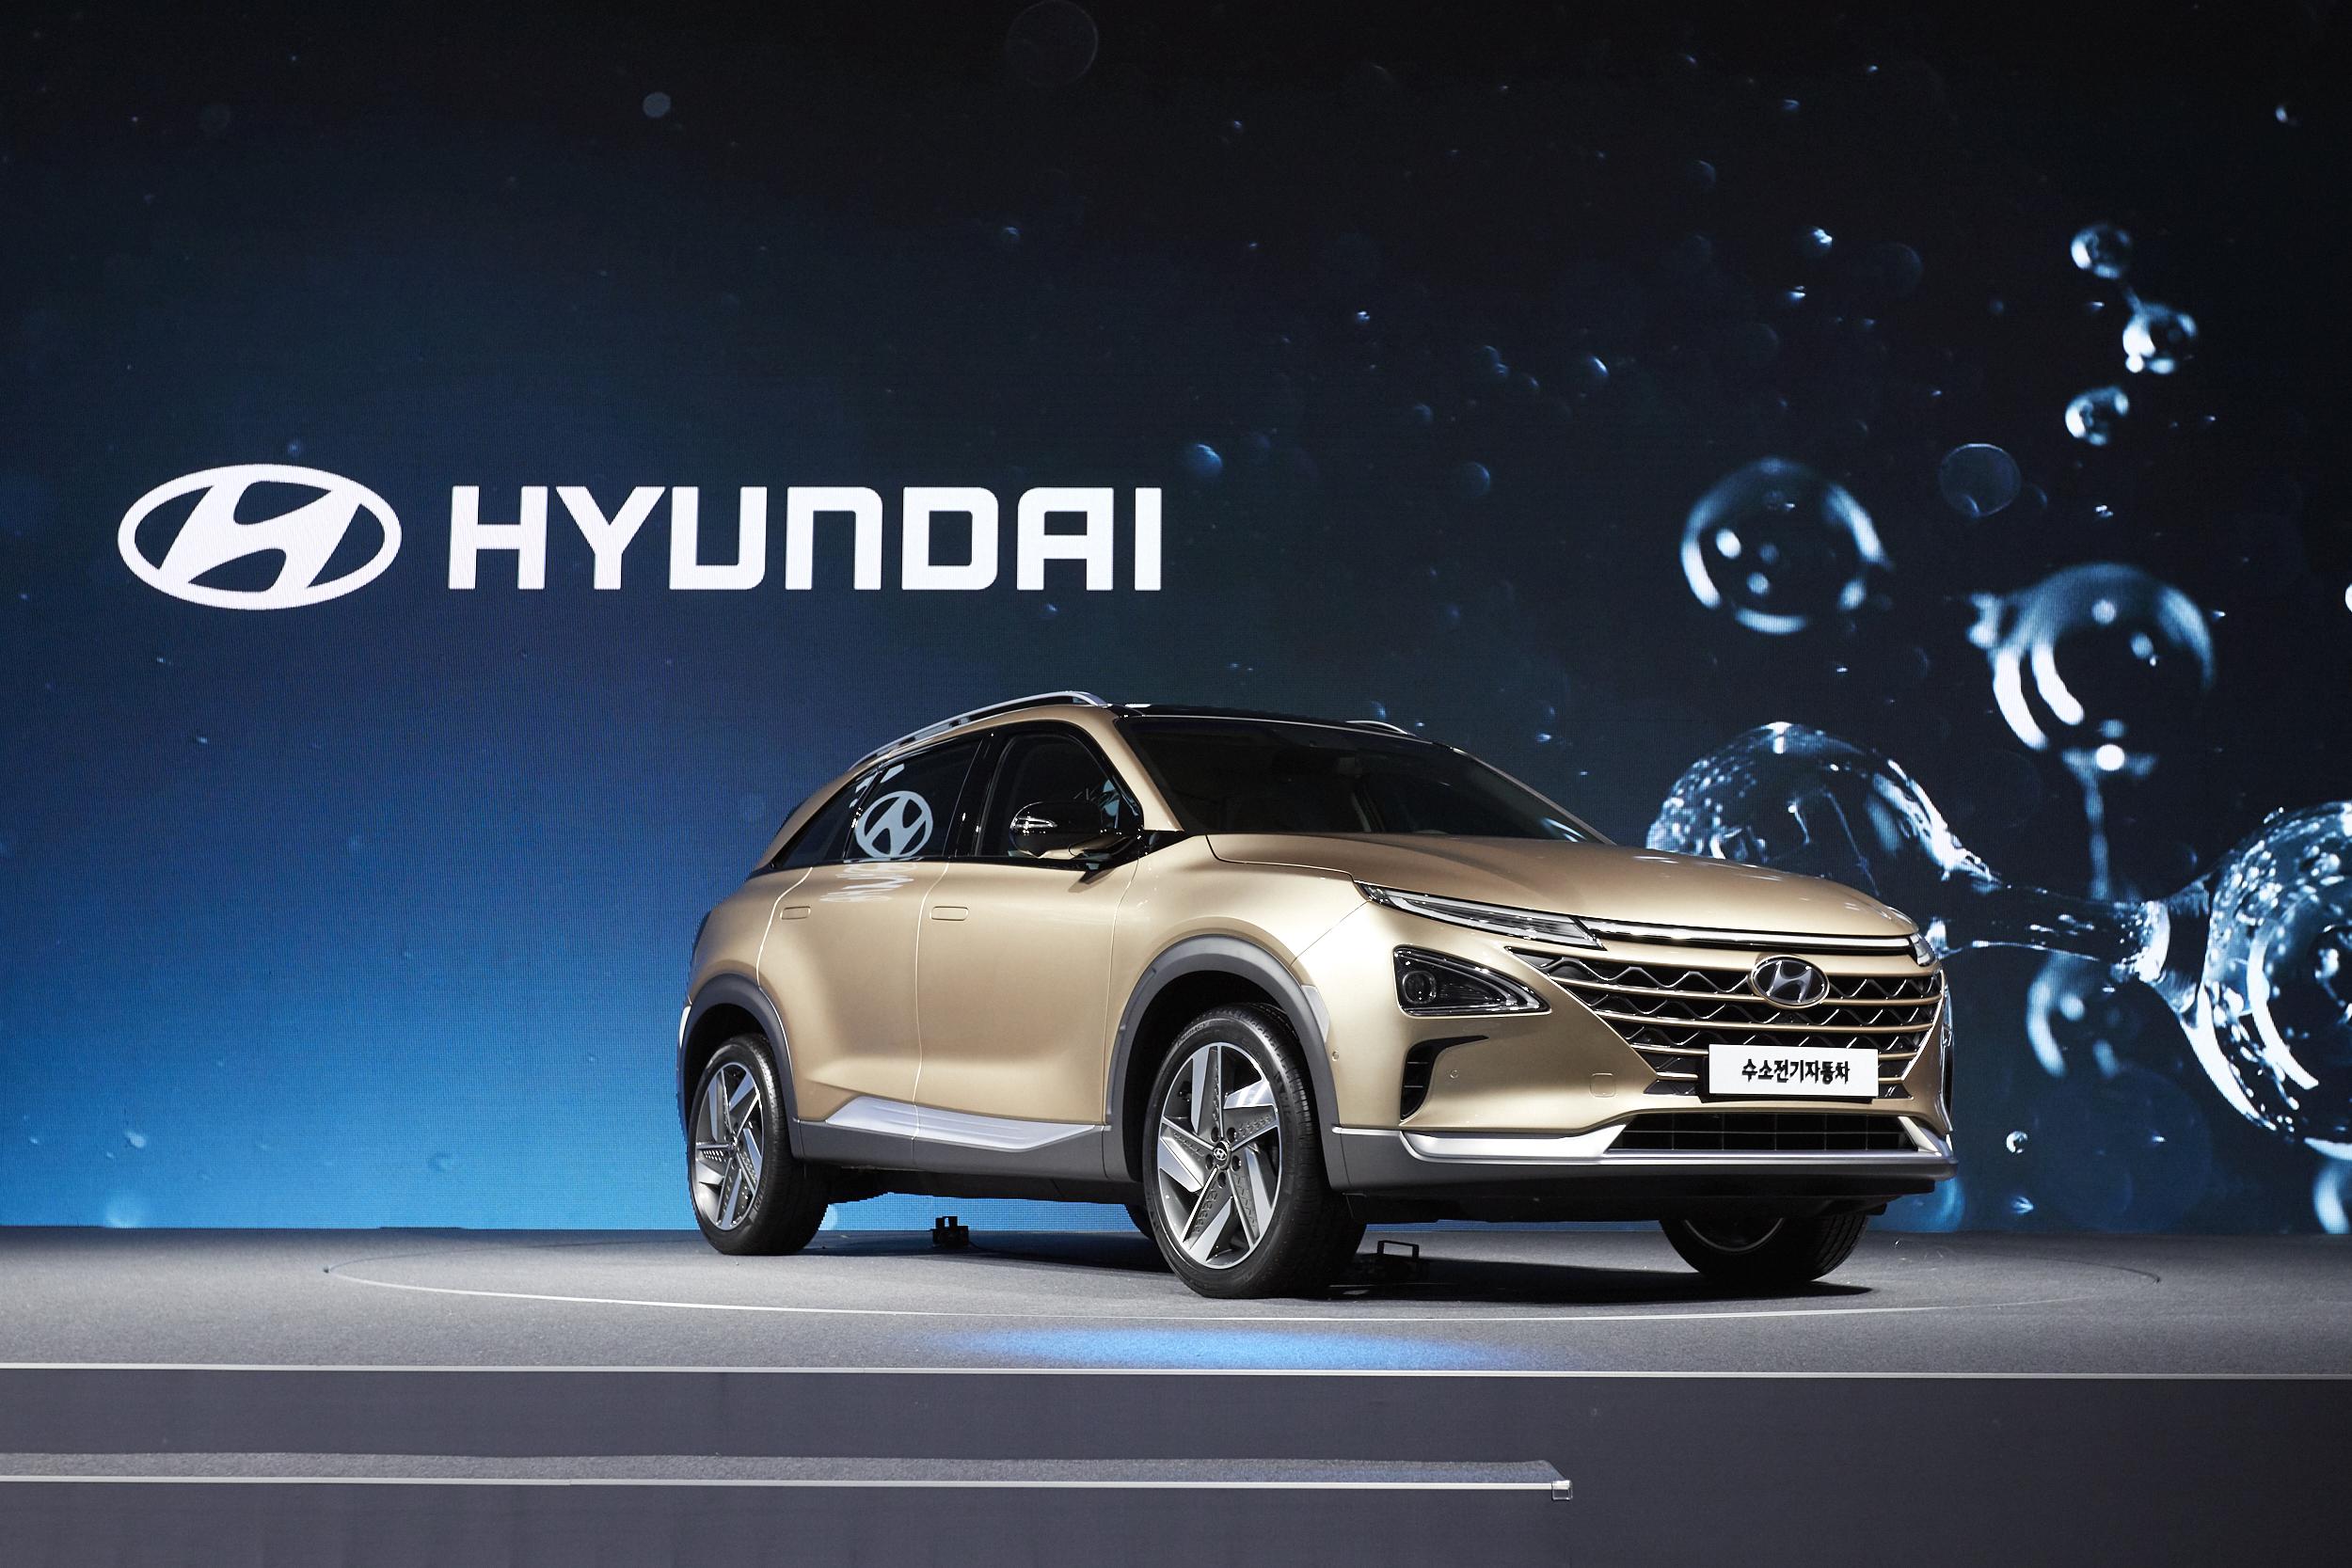 7 Photos Hyundai Next Generation Fcev Preview For 2018 Fuel Cell